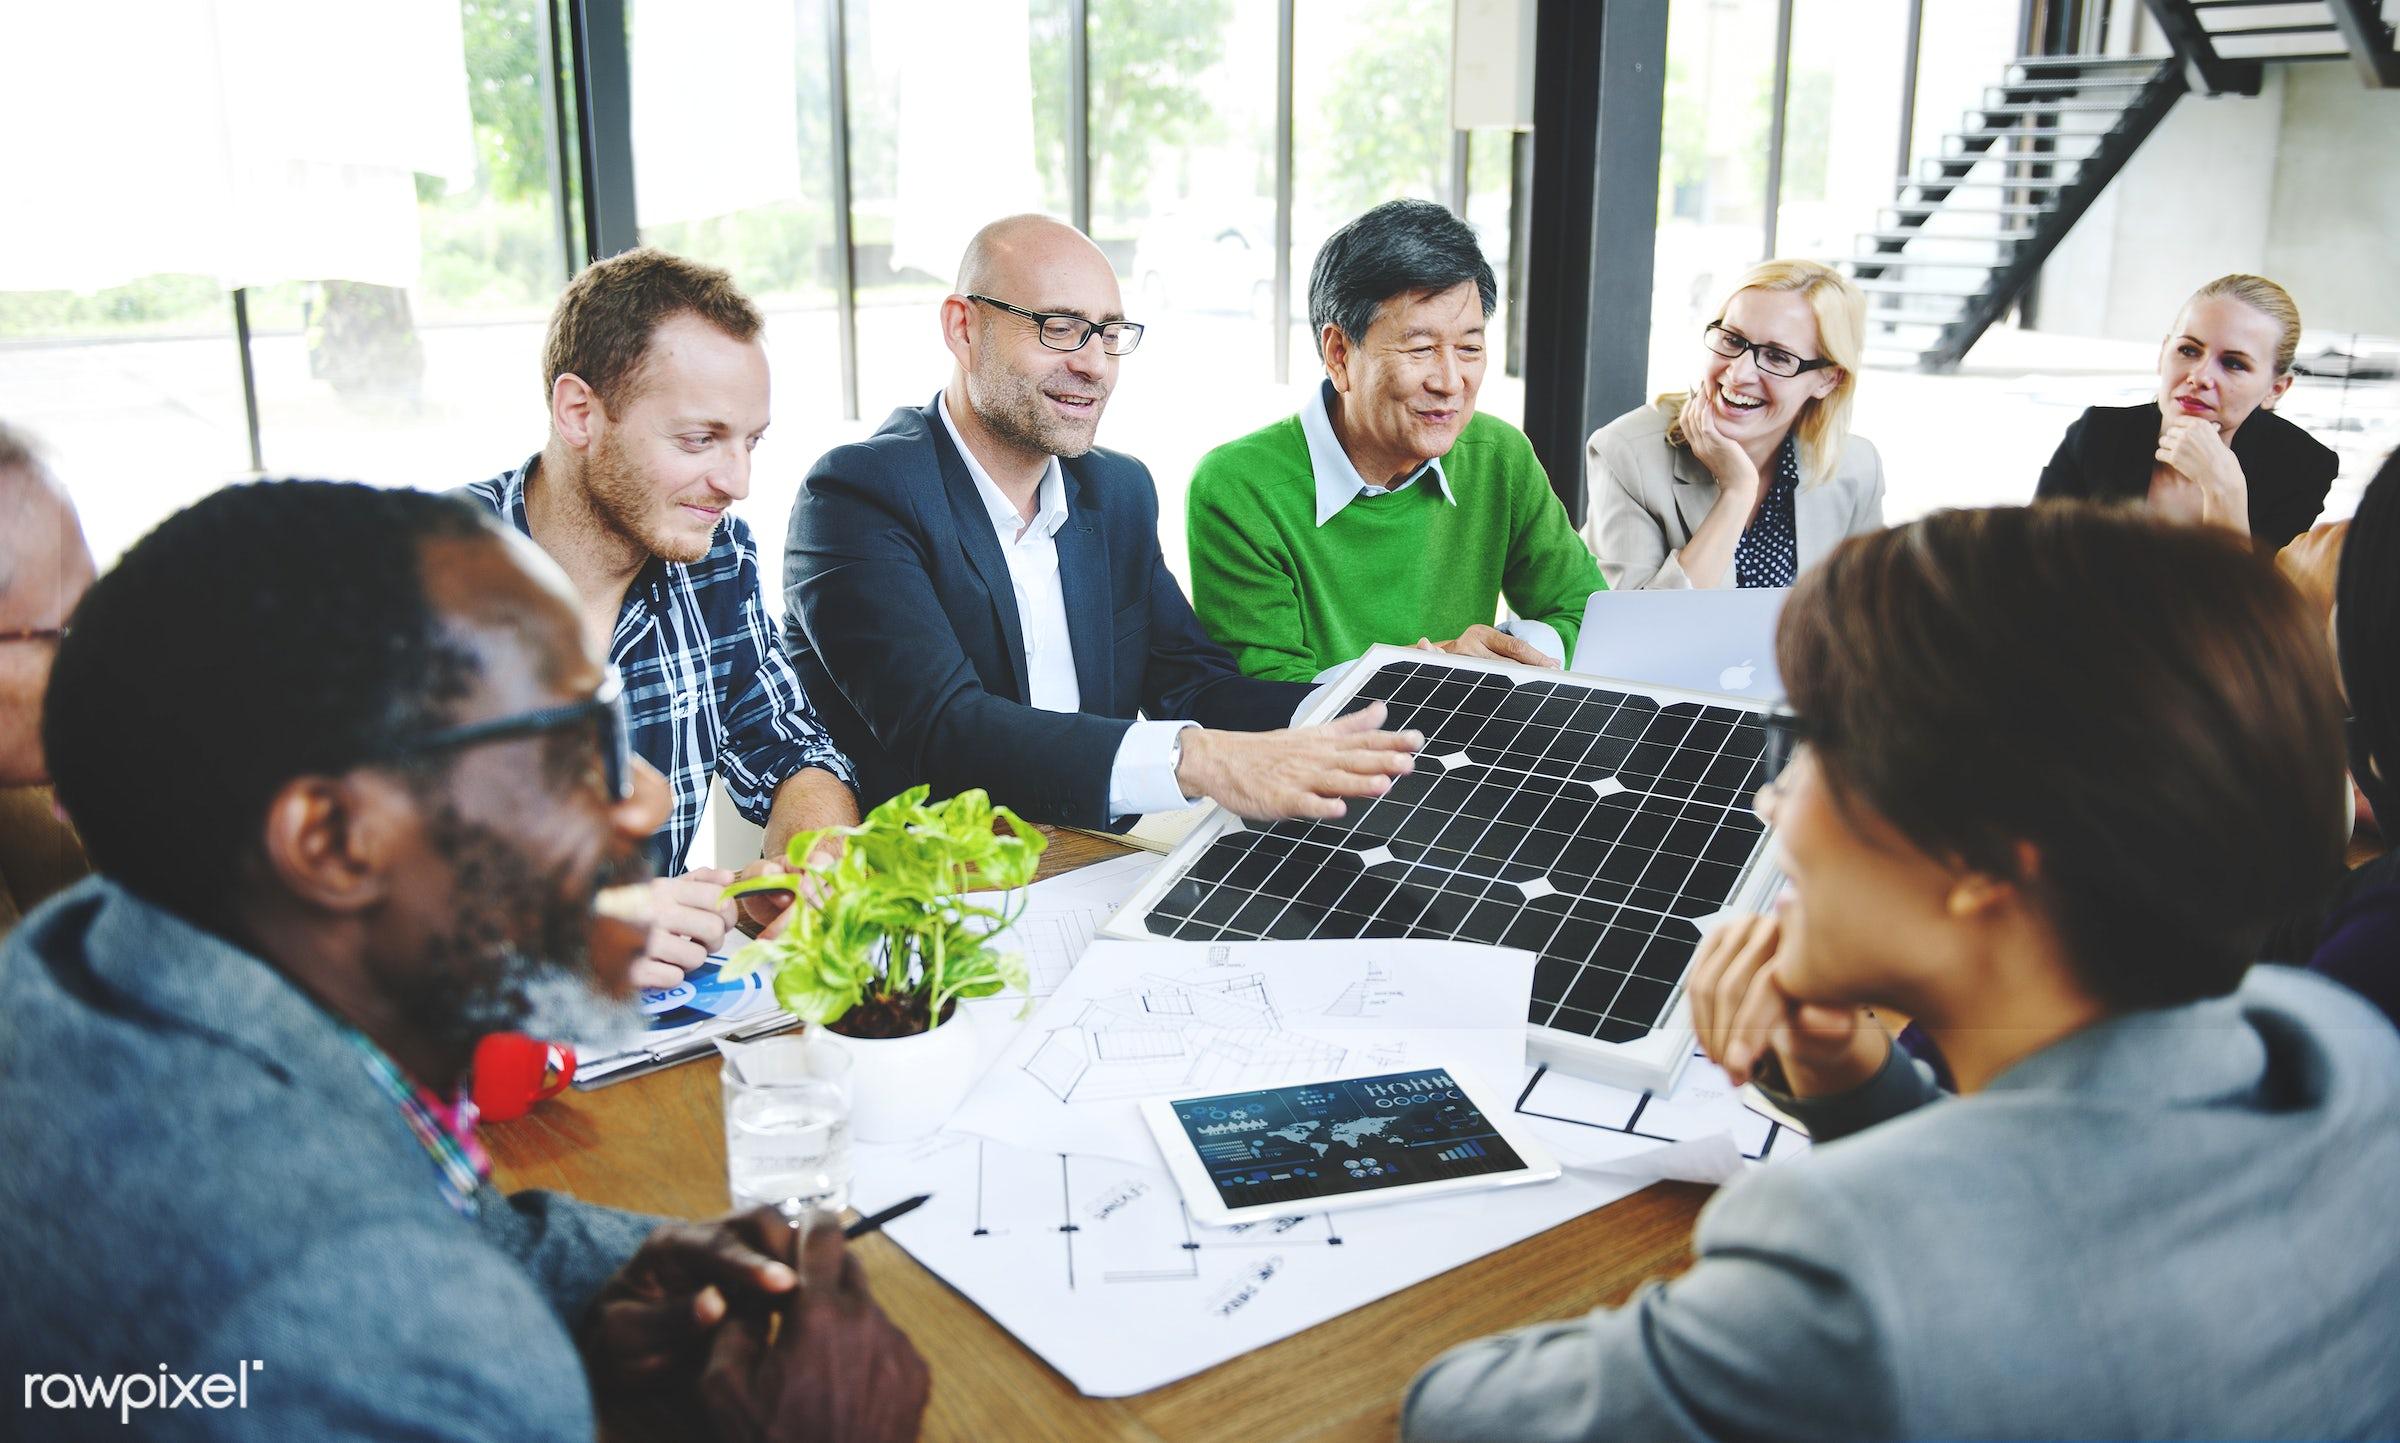 Business People Discussion Solar Power Energy Concept - architecture, brainstorm, business, construction, design, diverse,...